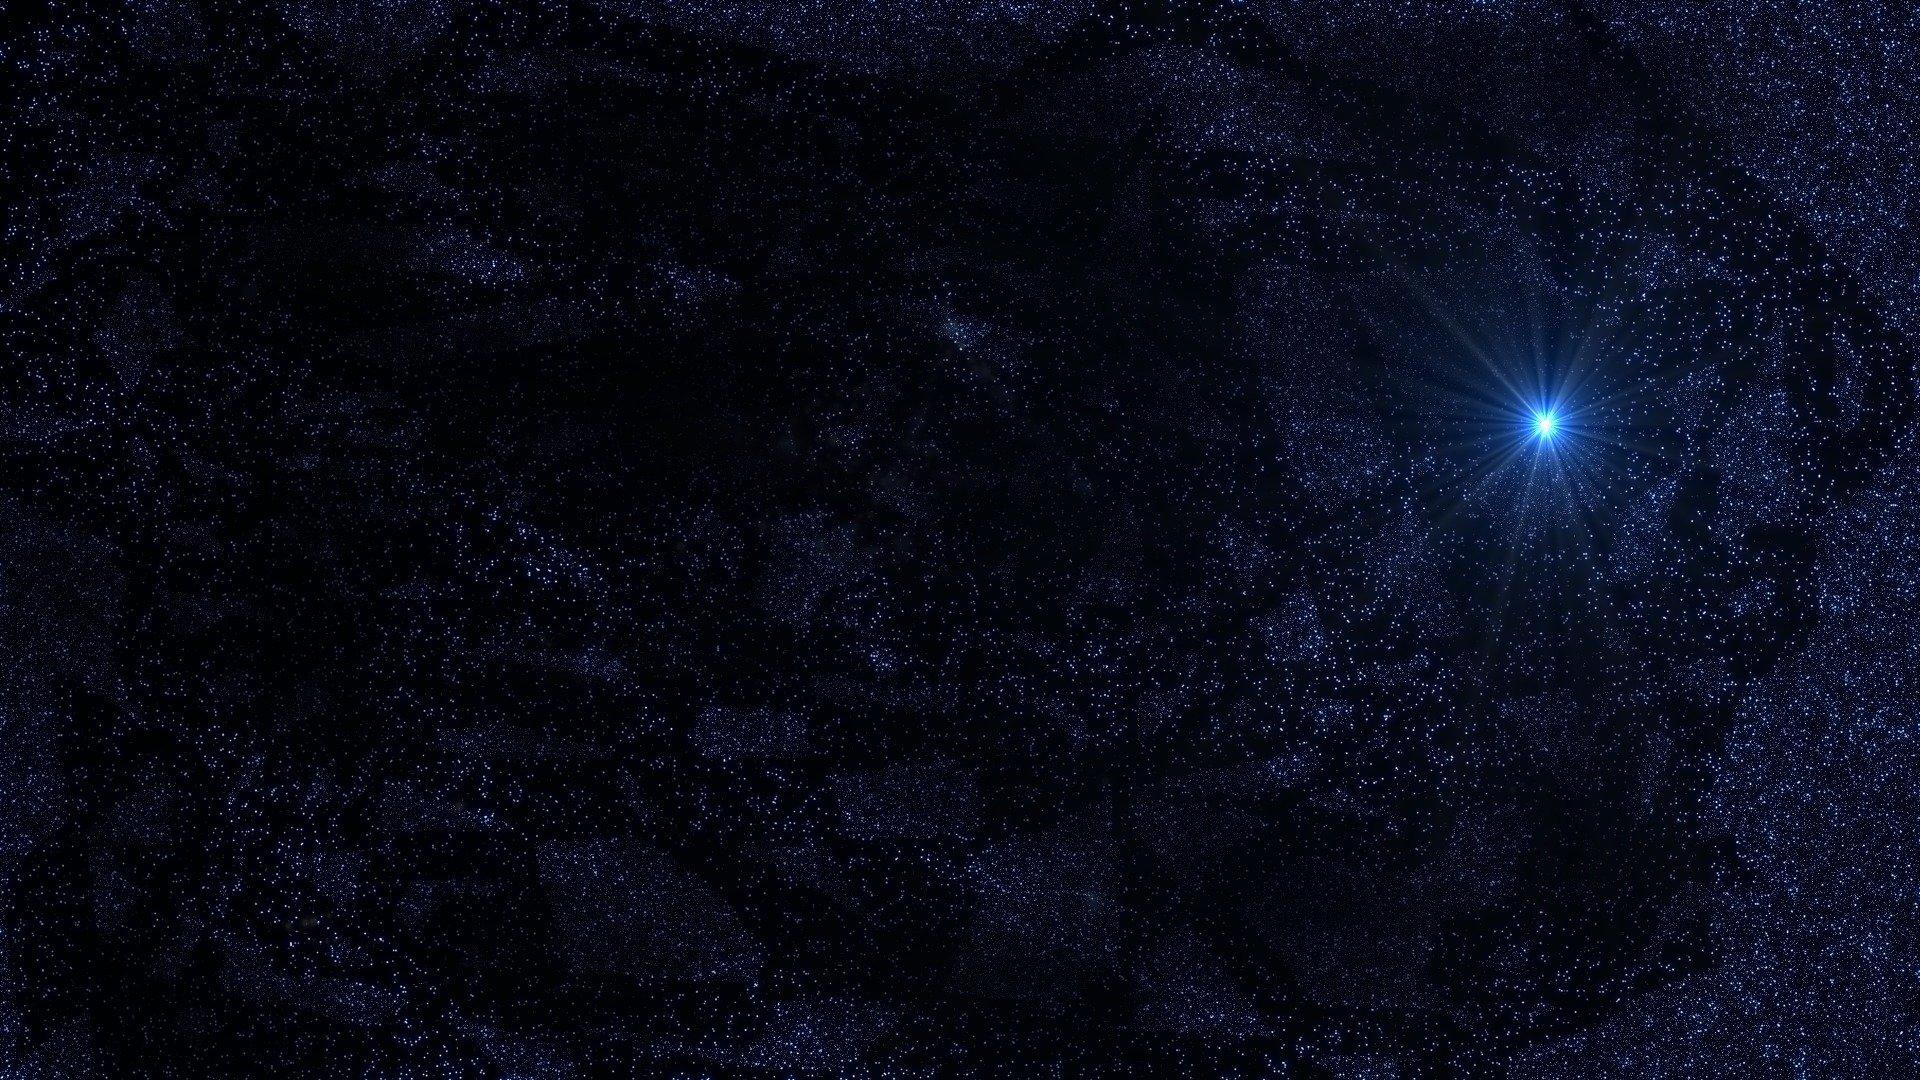 Звезда синяя в хорошем качестве